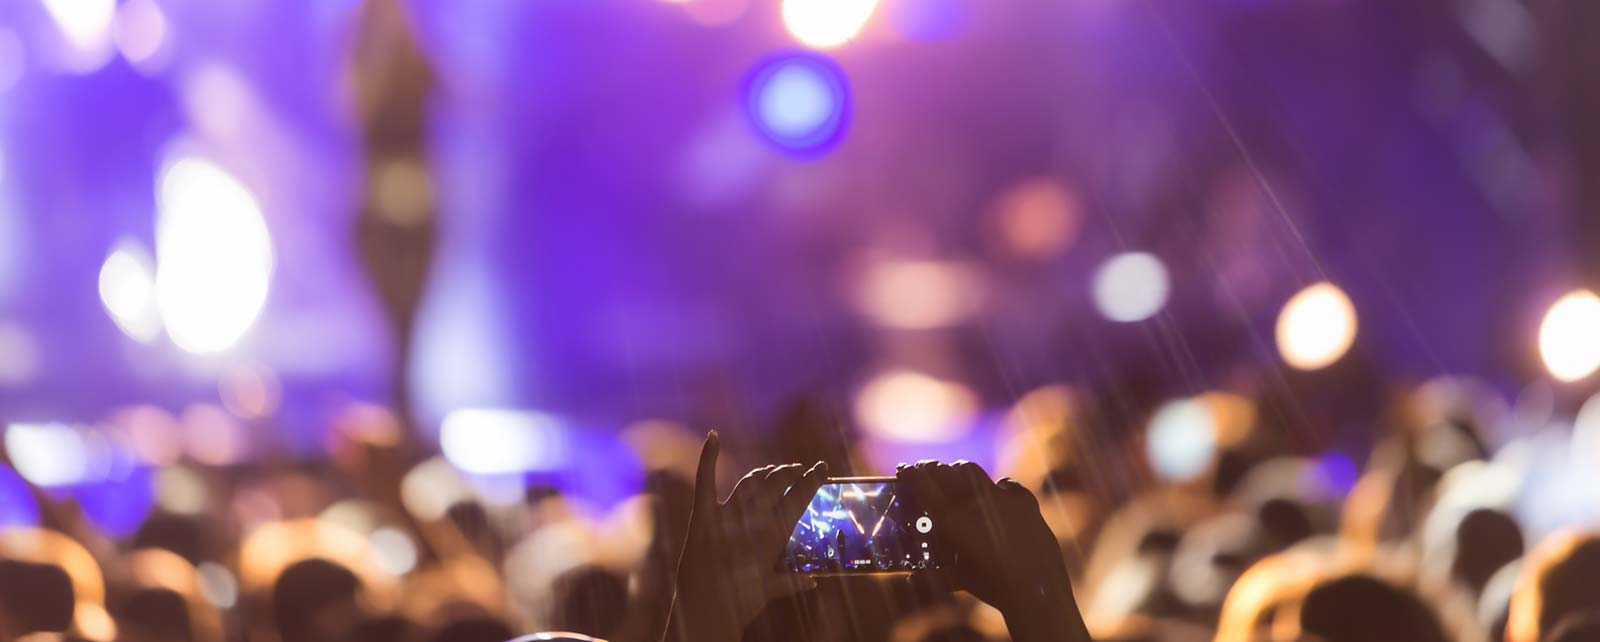 Concerts at Volvo Car Stadium